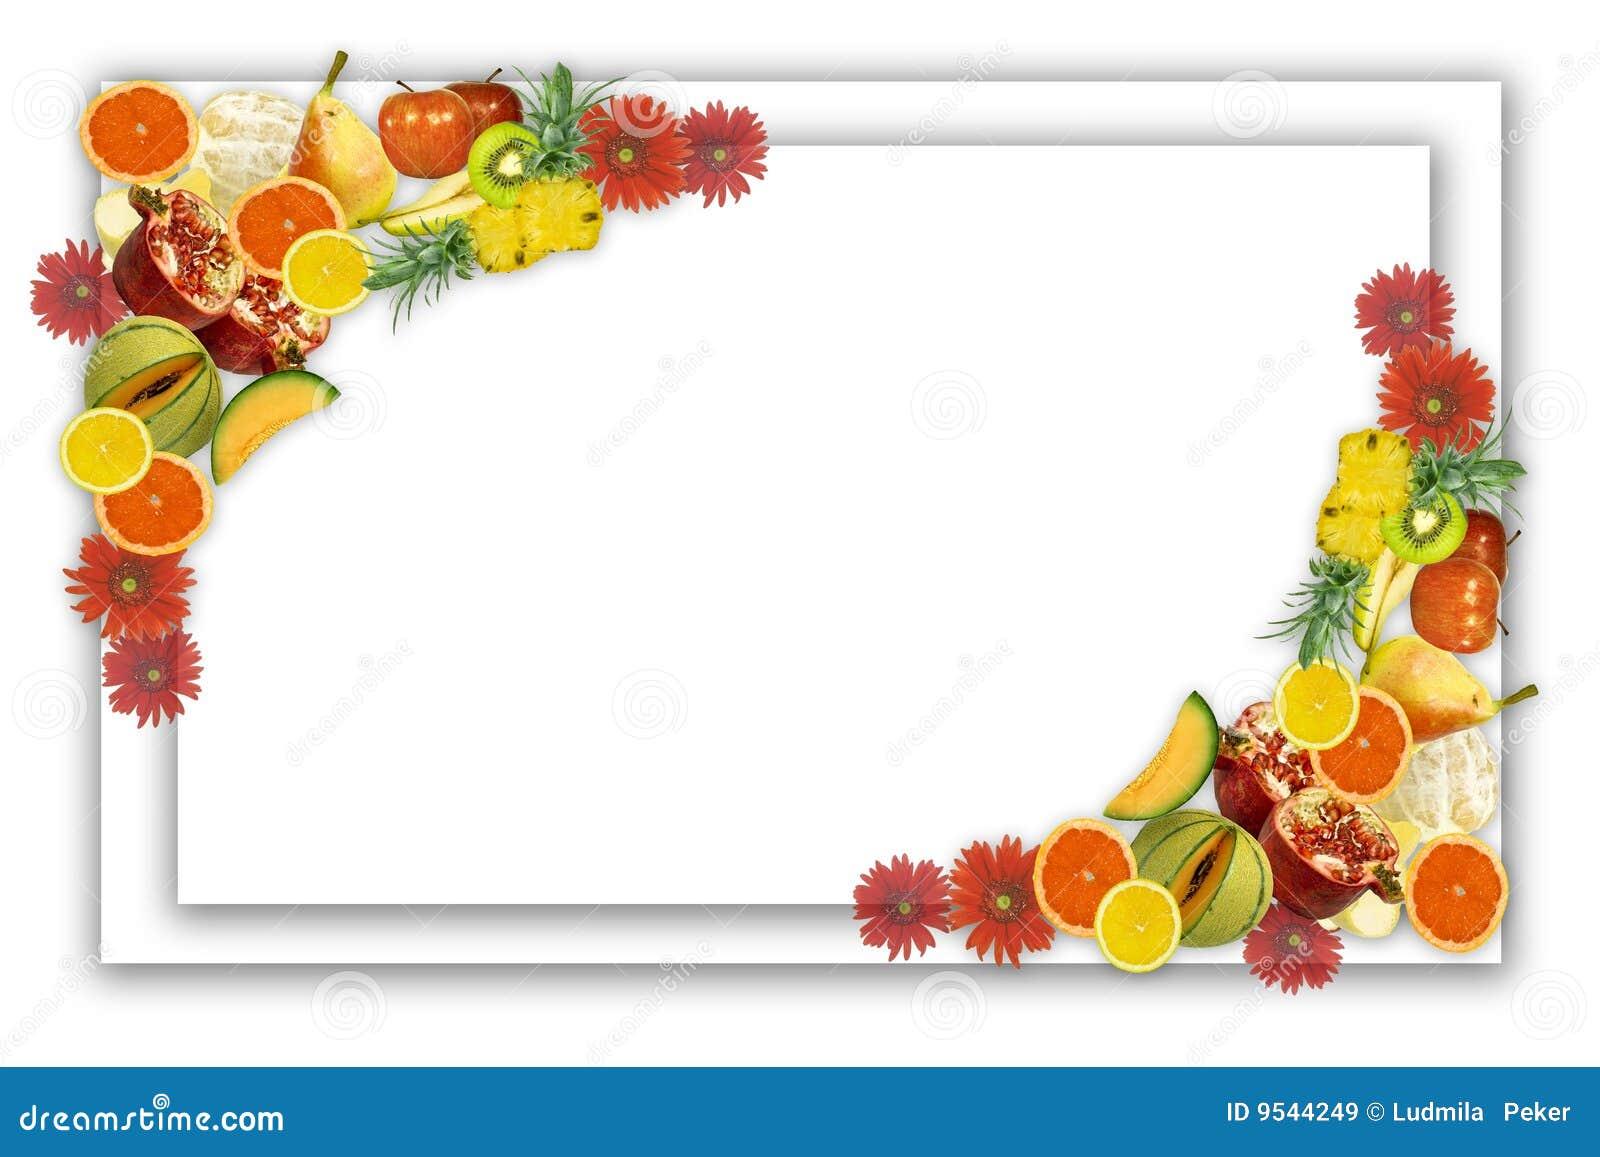 Рамки для поздравлений фрукты